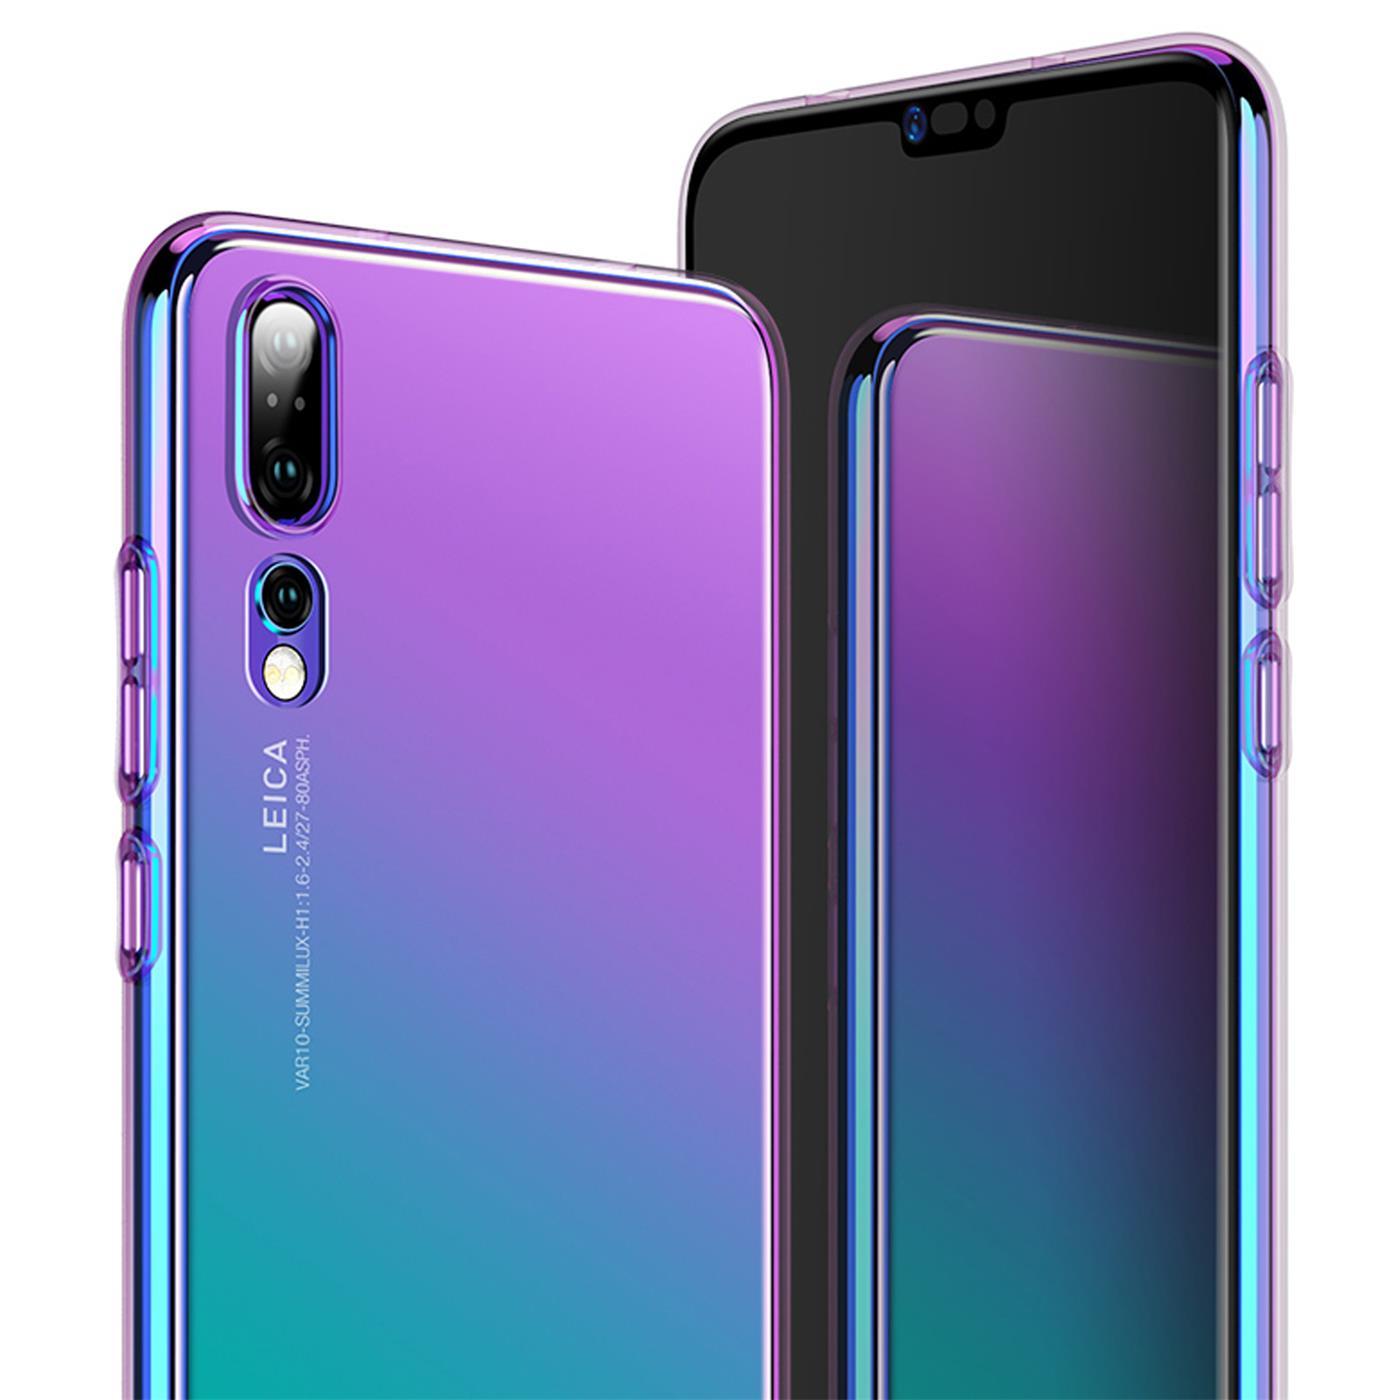 Indexbild 9 - Farbwechsel-Handy-Huelle-fuer-Huawei-Nova-5T-Case-Schutz-Cover-Tasche-Schutzhuelle